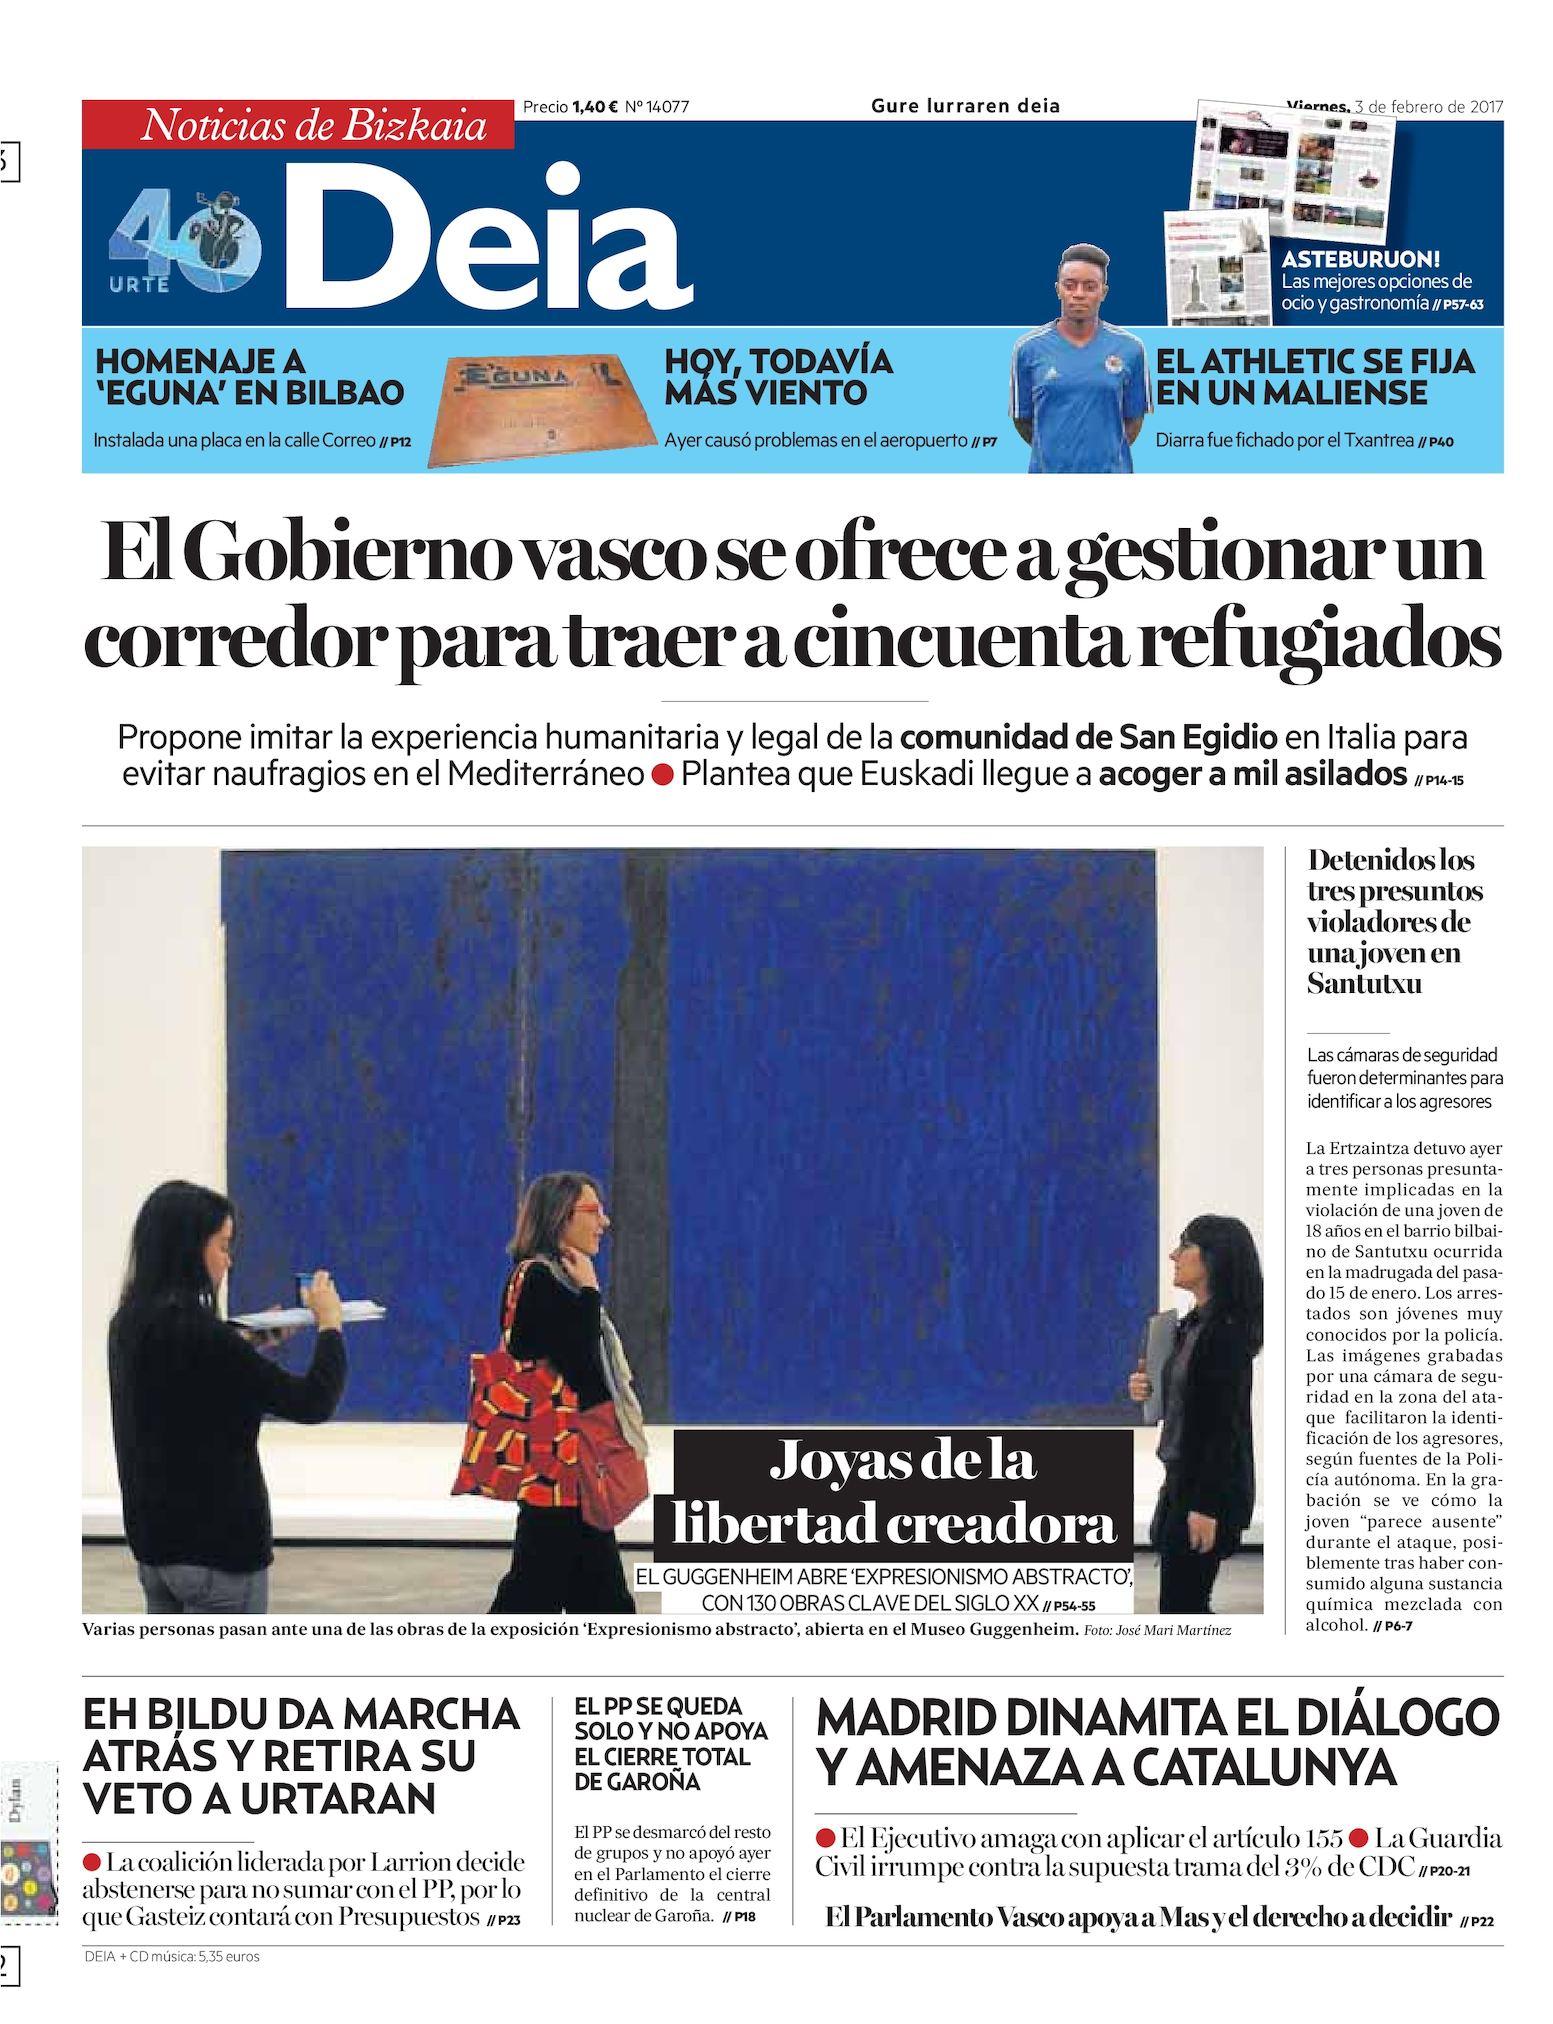 Alicantina Deseosa De Rabo Porno Xxx calaméo - deia 20170203